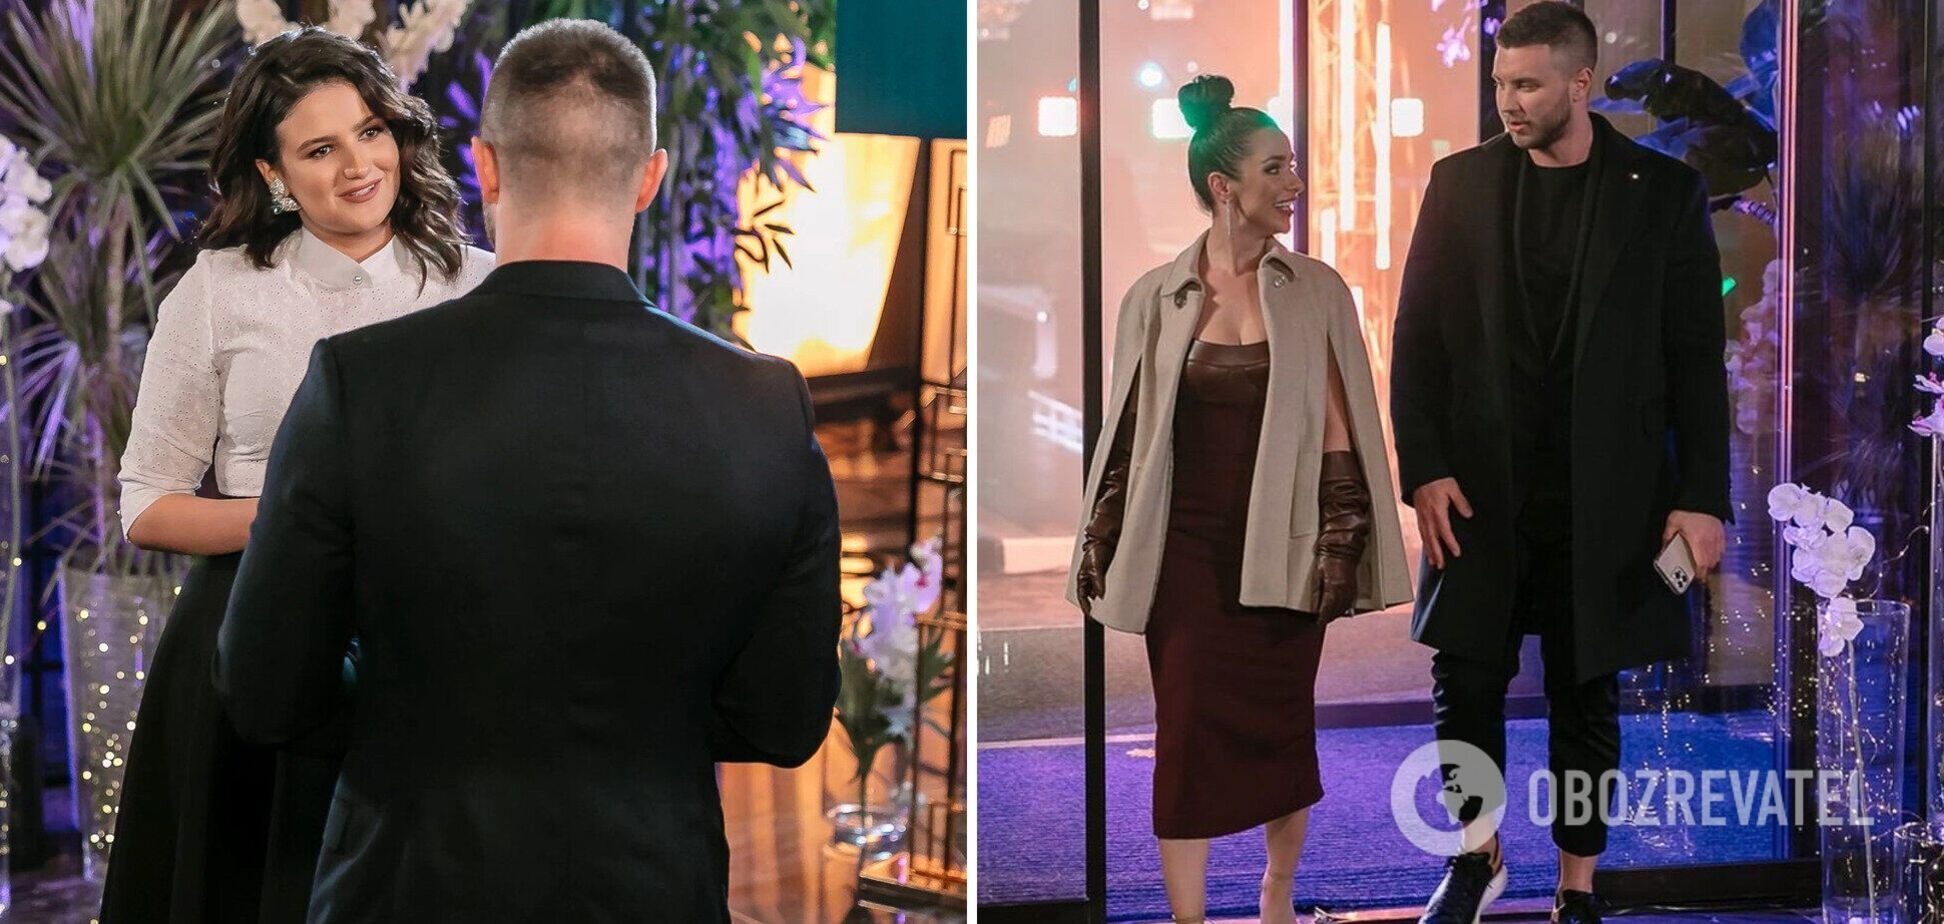 Як пройшла прем'єра шоу 'Холостяк 11': перший поцілунок і ексдружина Андрія Богдана